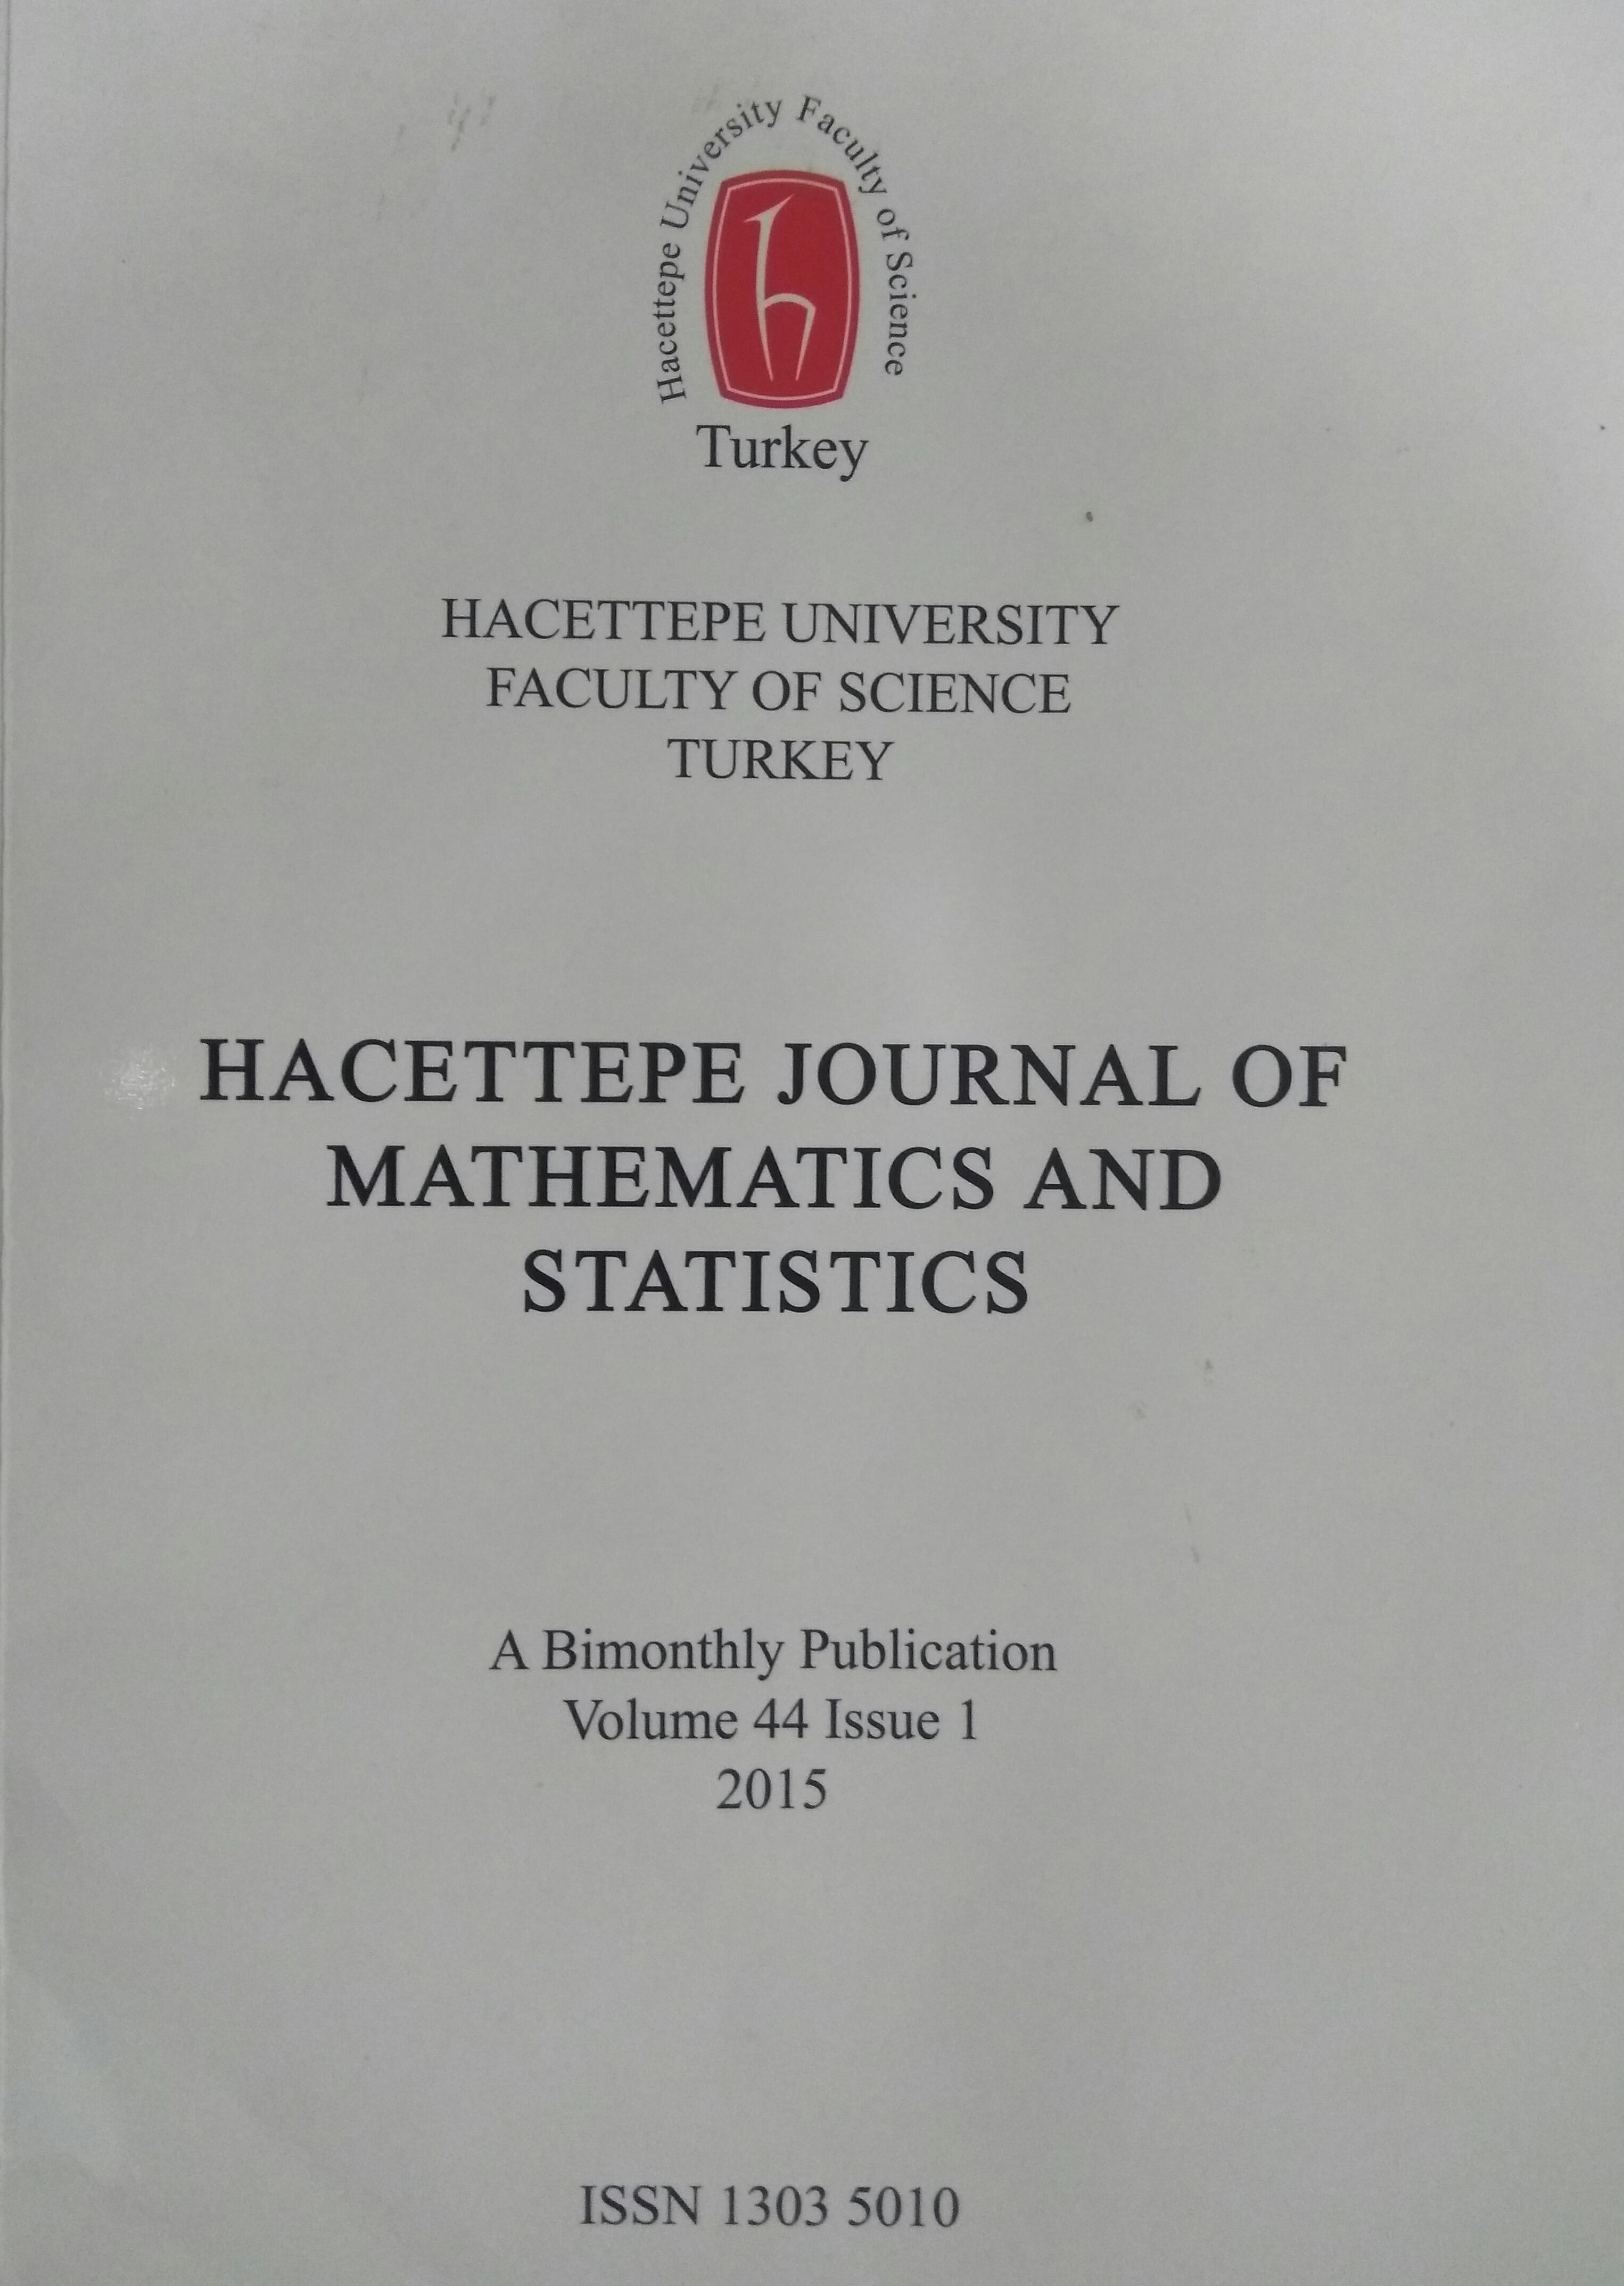 Hacettepe Journal of Mathematics and Statistics - Wikipedia